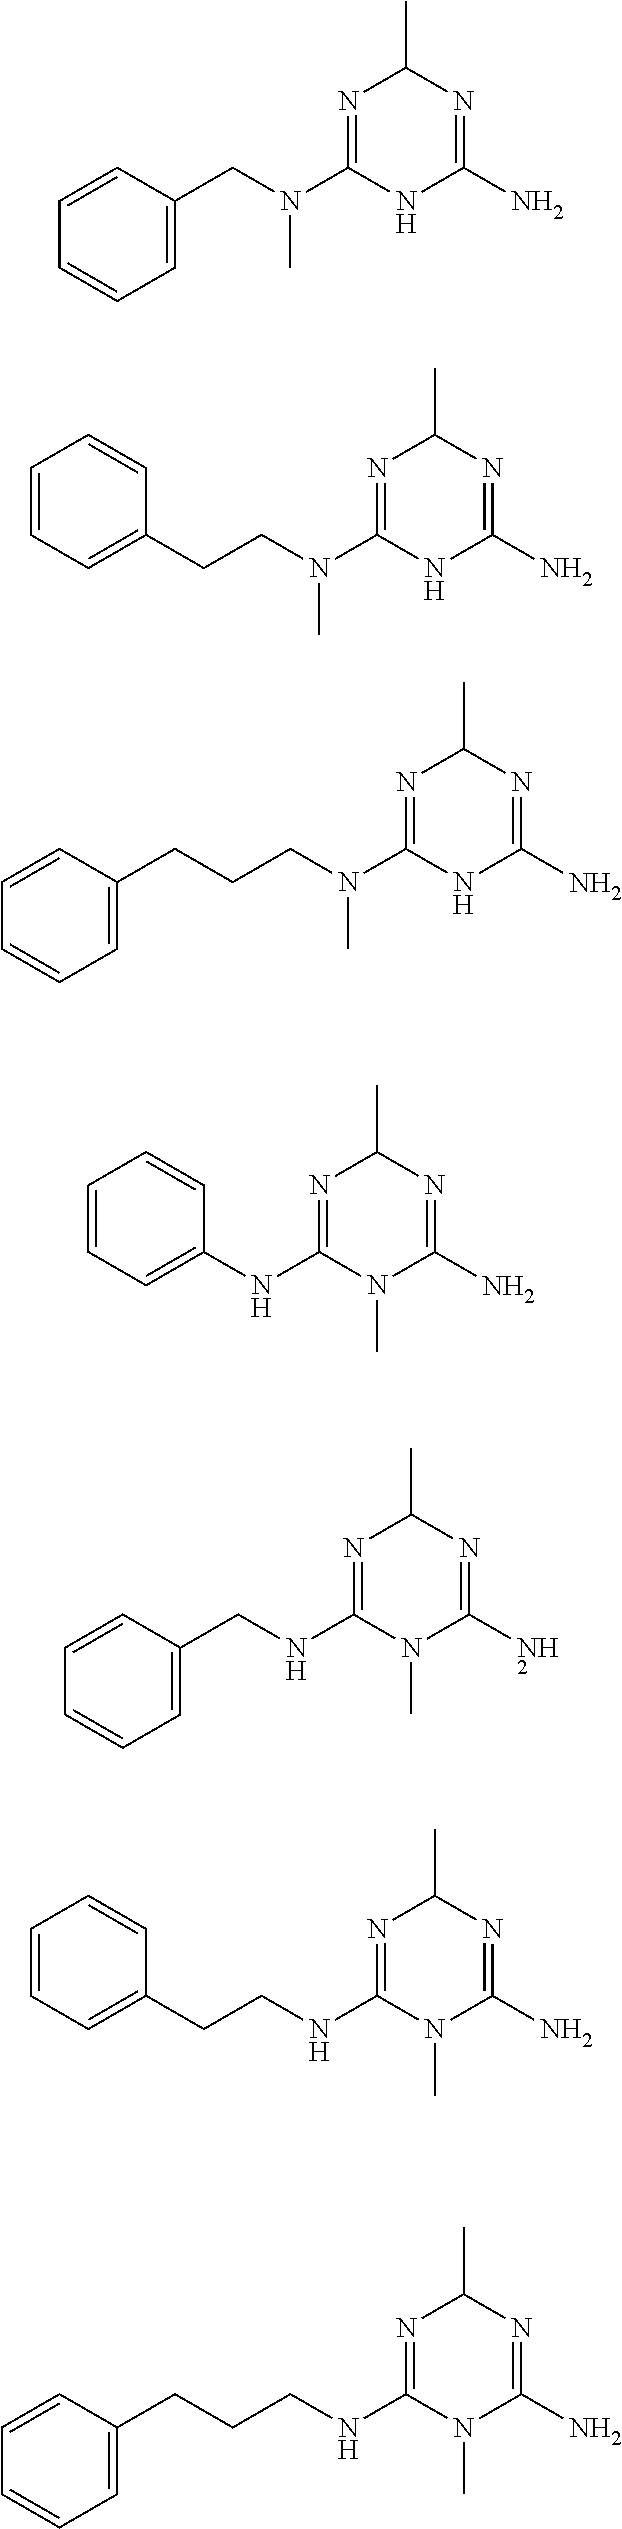 Figure US09480663-20161101-C00170